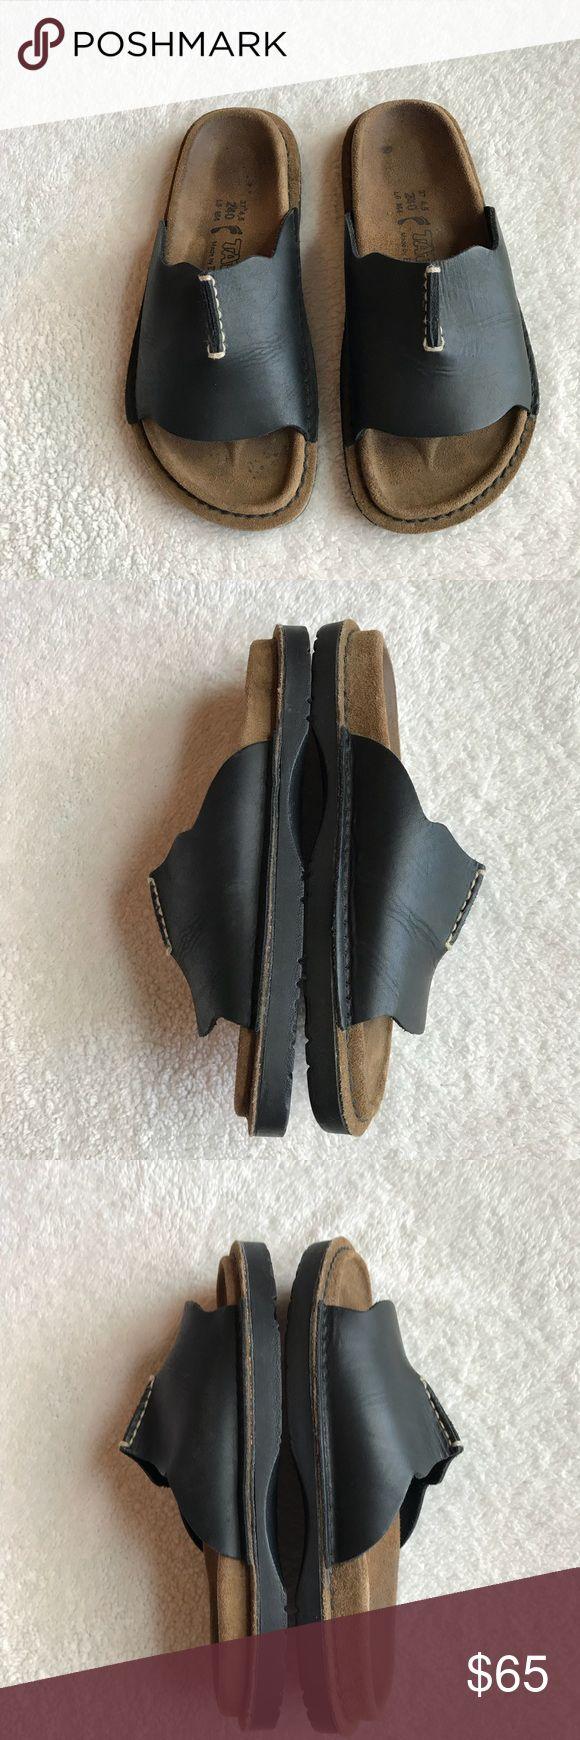 Birkenstocks tatami sandals Excellent condition zero wear on soles Birkenstock Shoes Sandals